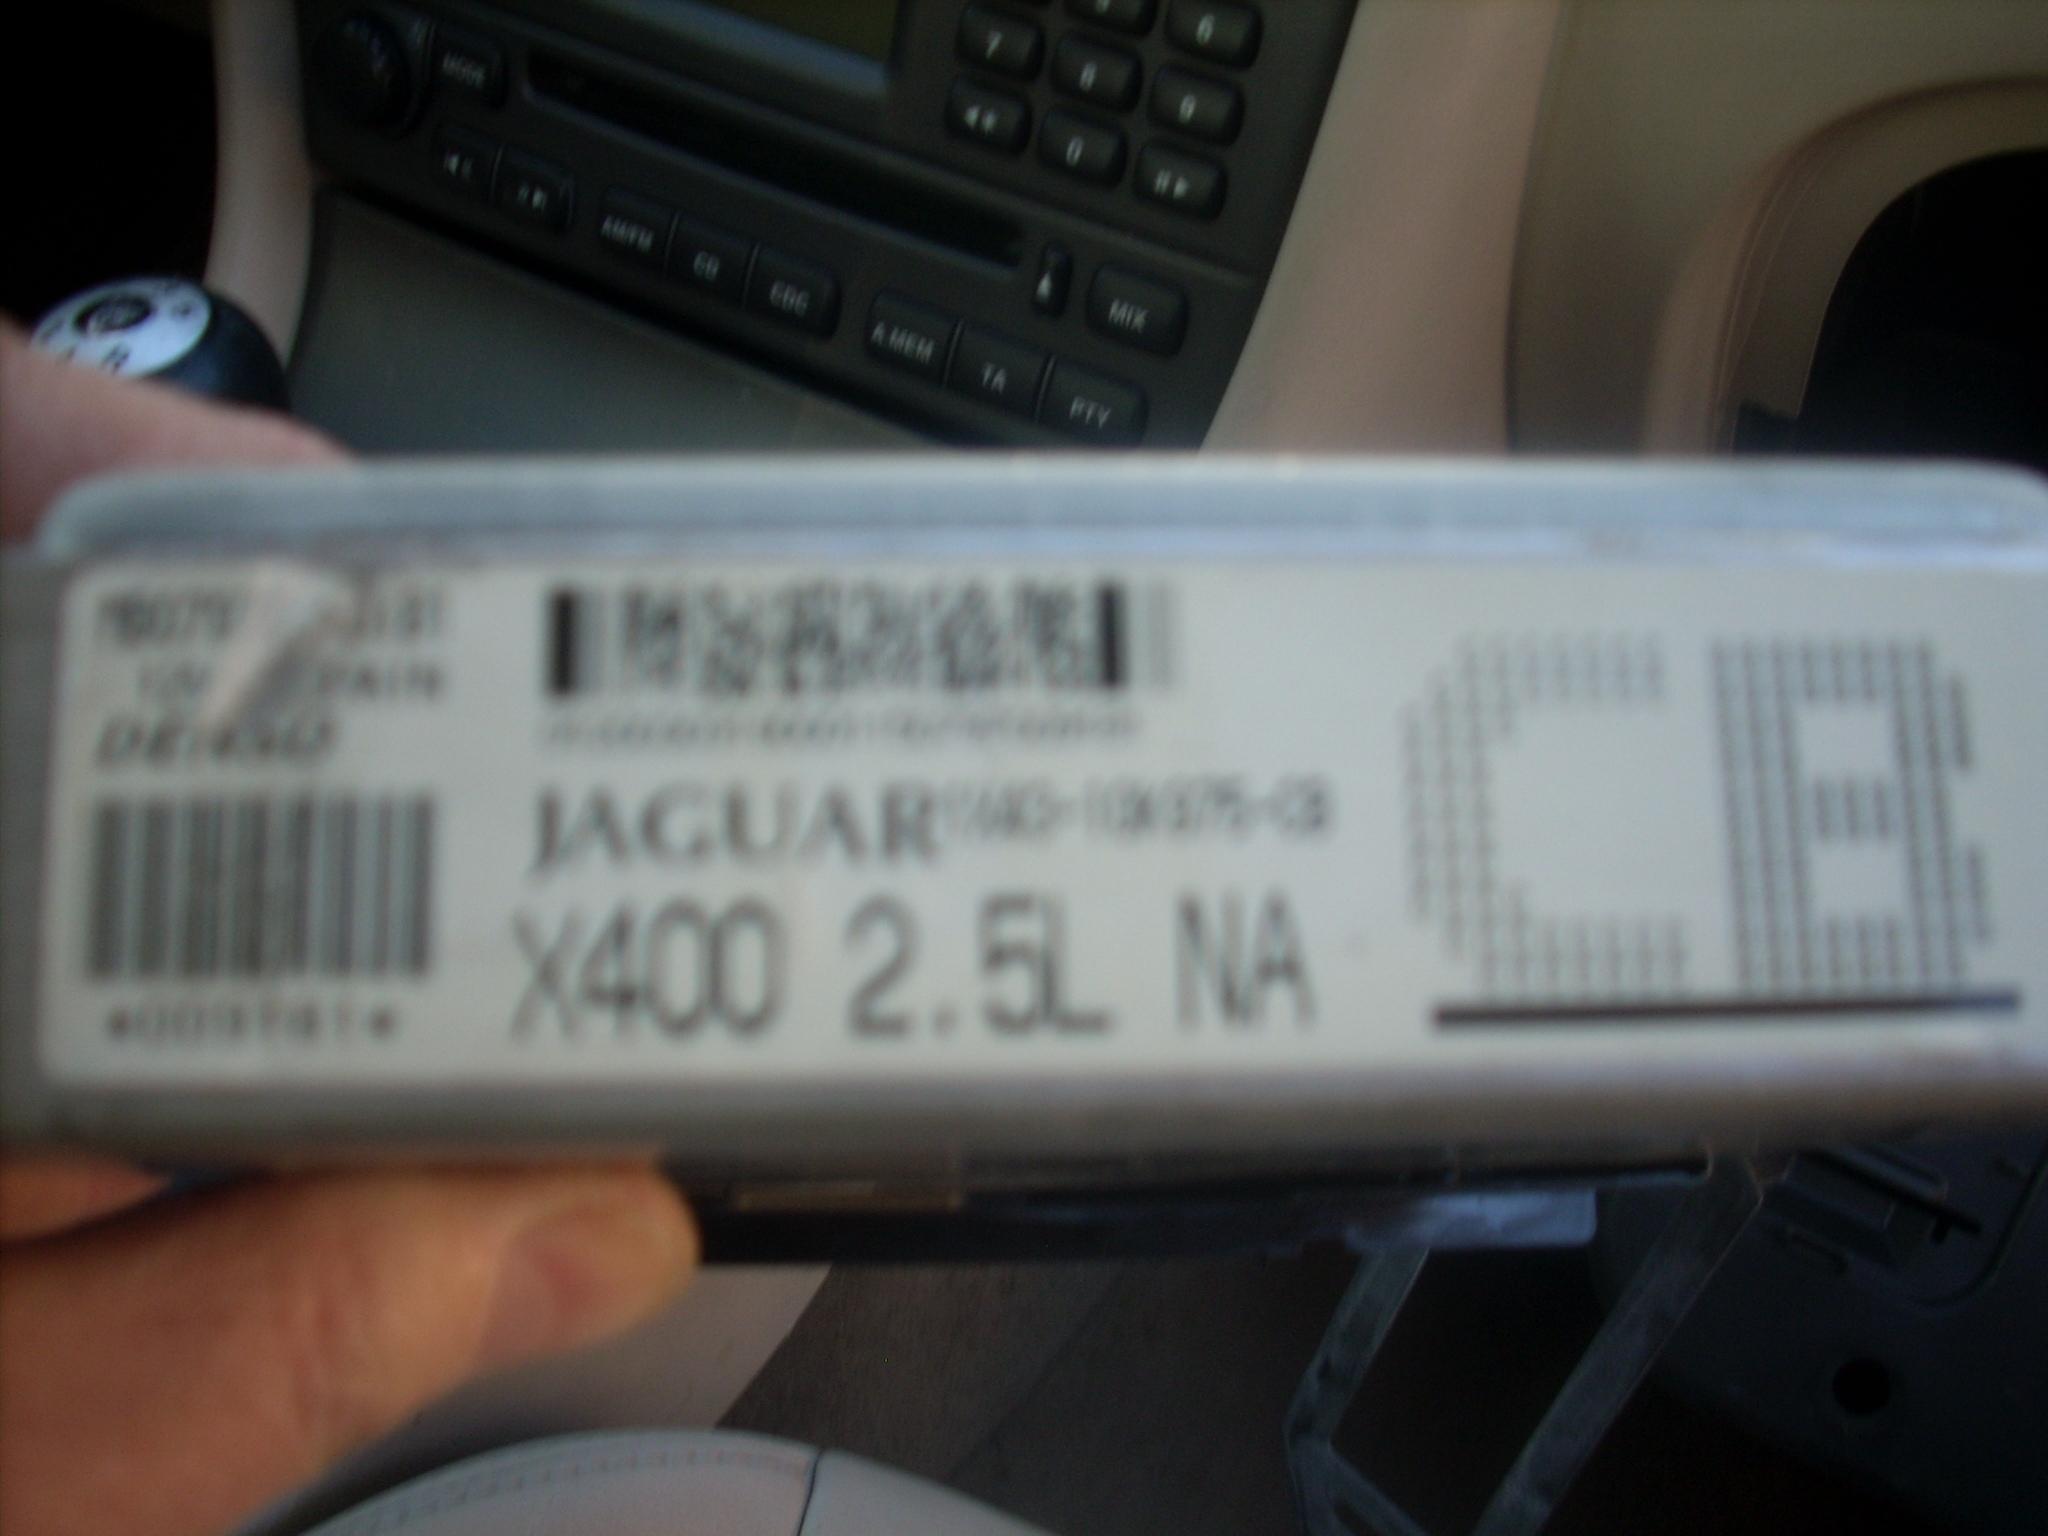 2003 Jaguar Xj8 Owners manual